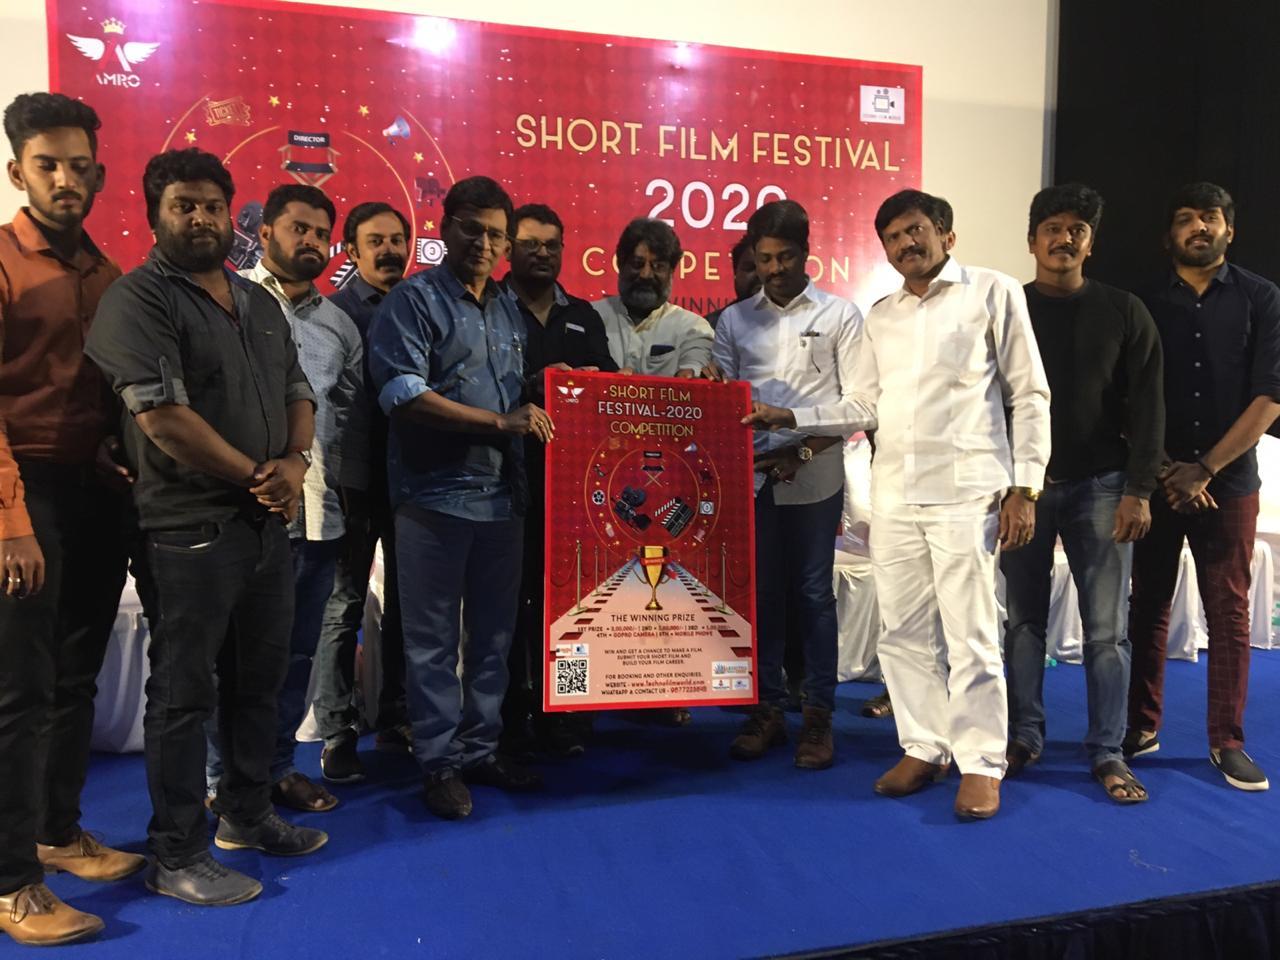 ஆம்ரோ நடத்தும் TECHNO SHORT FILM FESTIVAL 2020 – இந்த குறும்படம் போட்டியின் துவக்க விழா